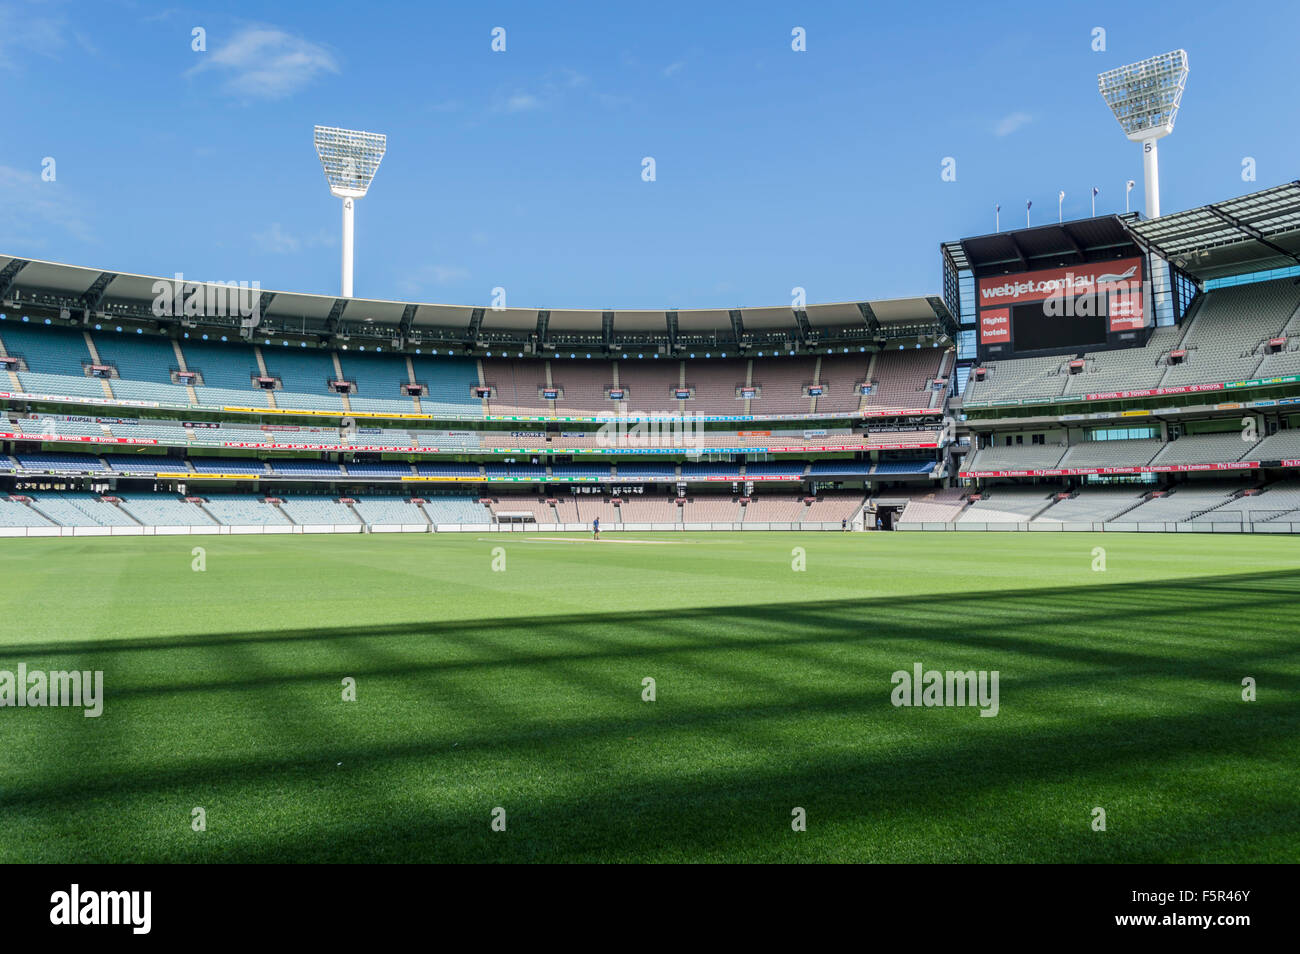 El Melbourne Cricket Ground (MCG) es un estadio deportivo australiano situado en Yarra Park, Melbourne, Victoria, Imagen De Stock